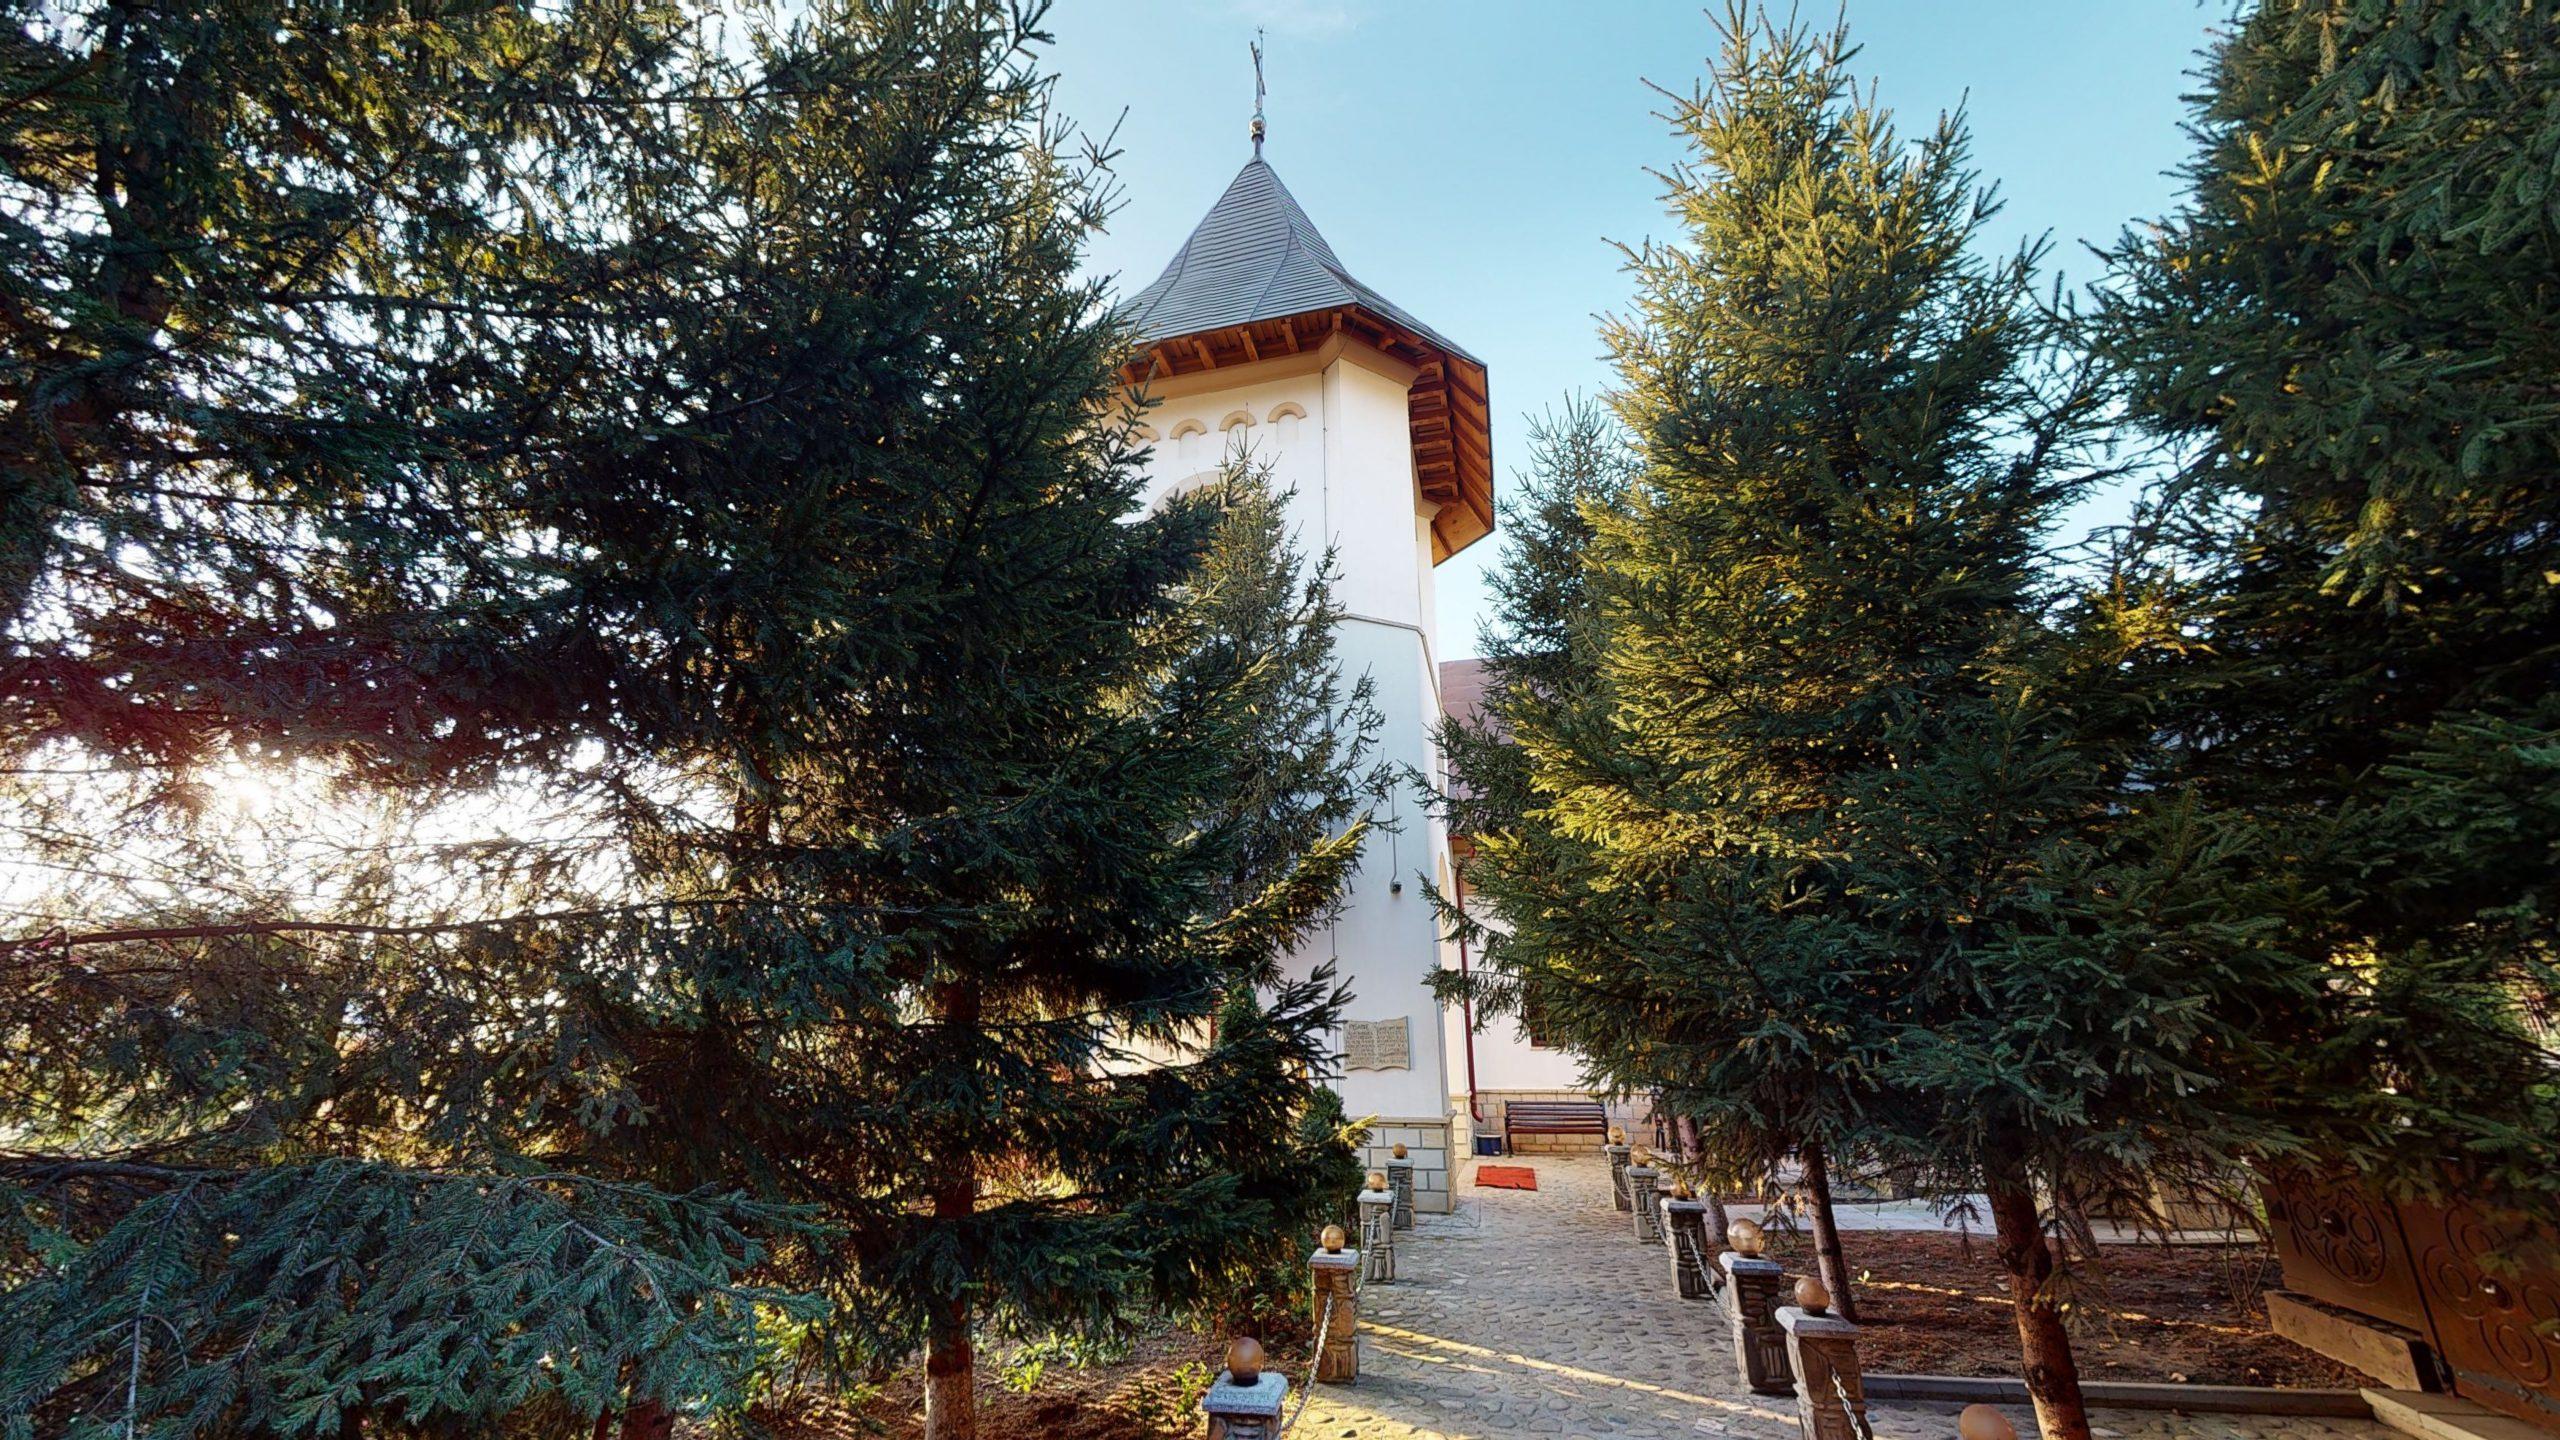 Biserica-Sfintii-Trei-Ierarhi-Flamanzi-11172020_011036